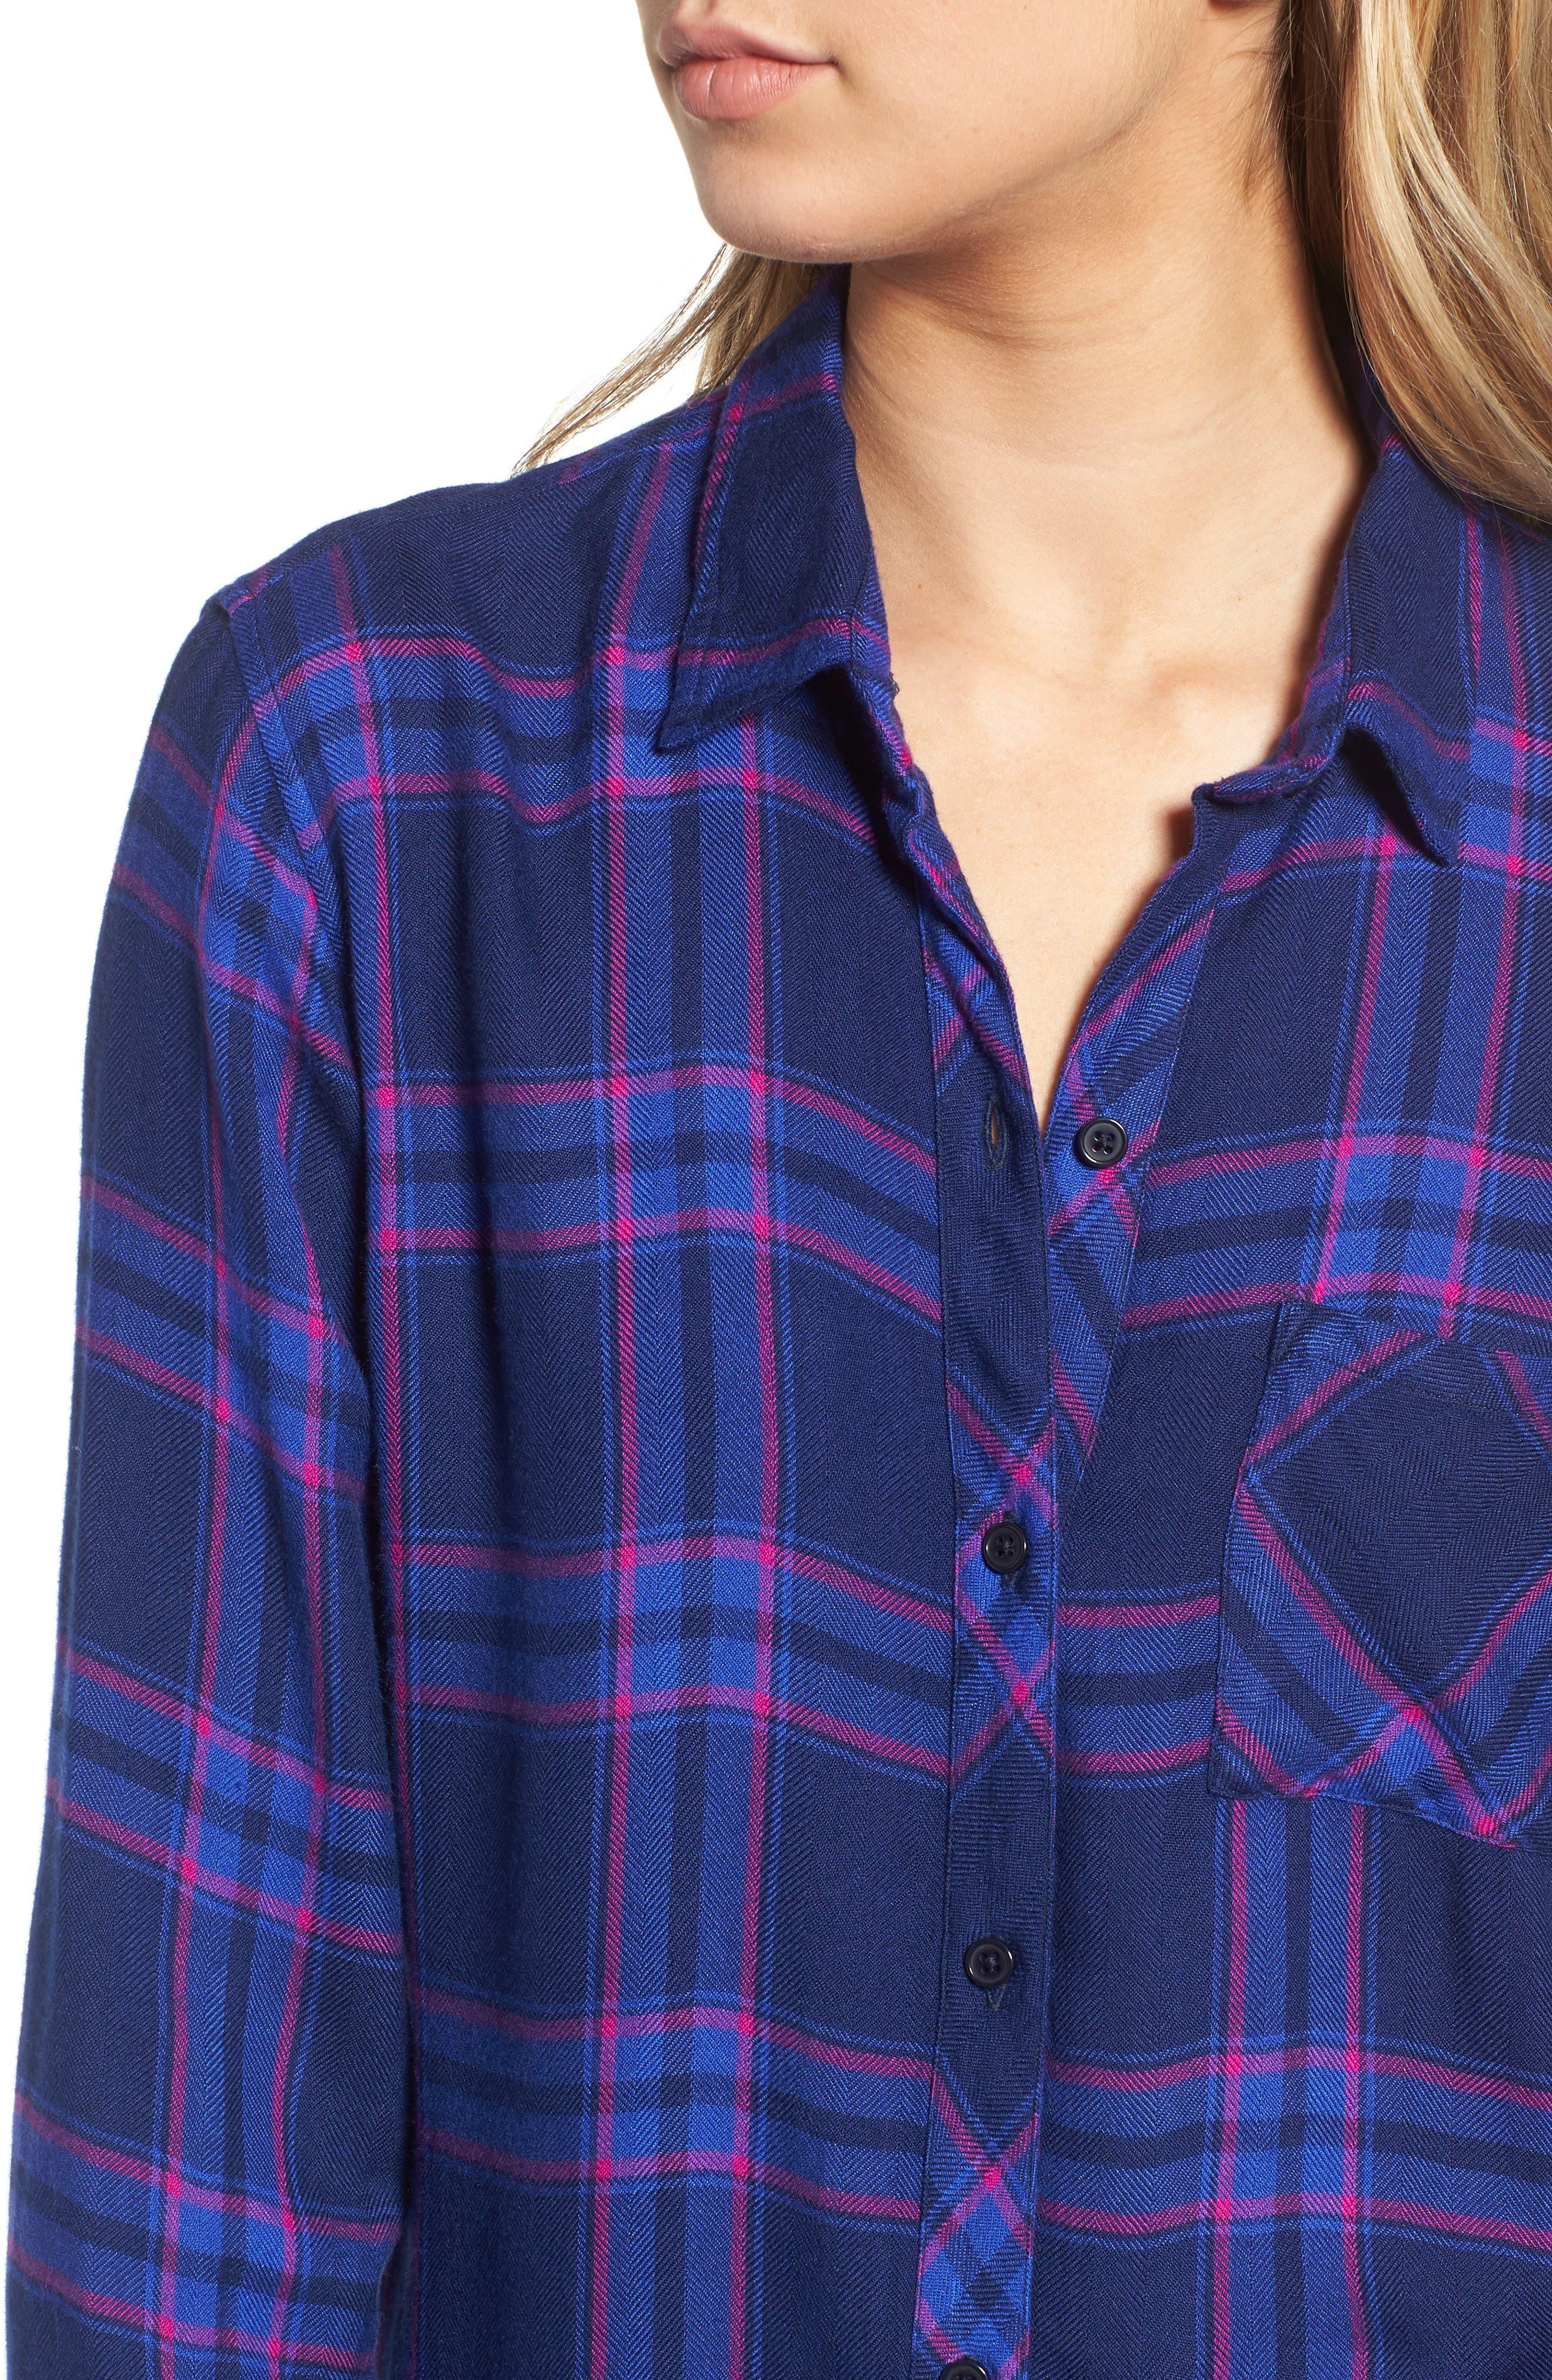 Hunter Plaid Shirt,                             Alternate thumbnail 424, color,